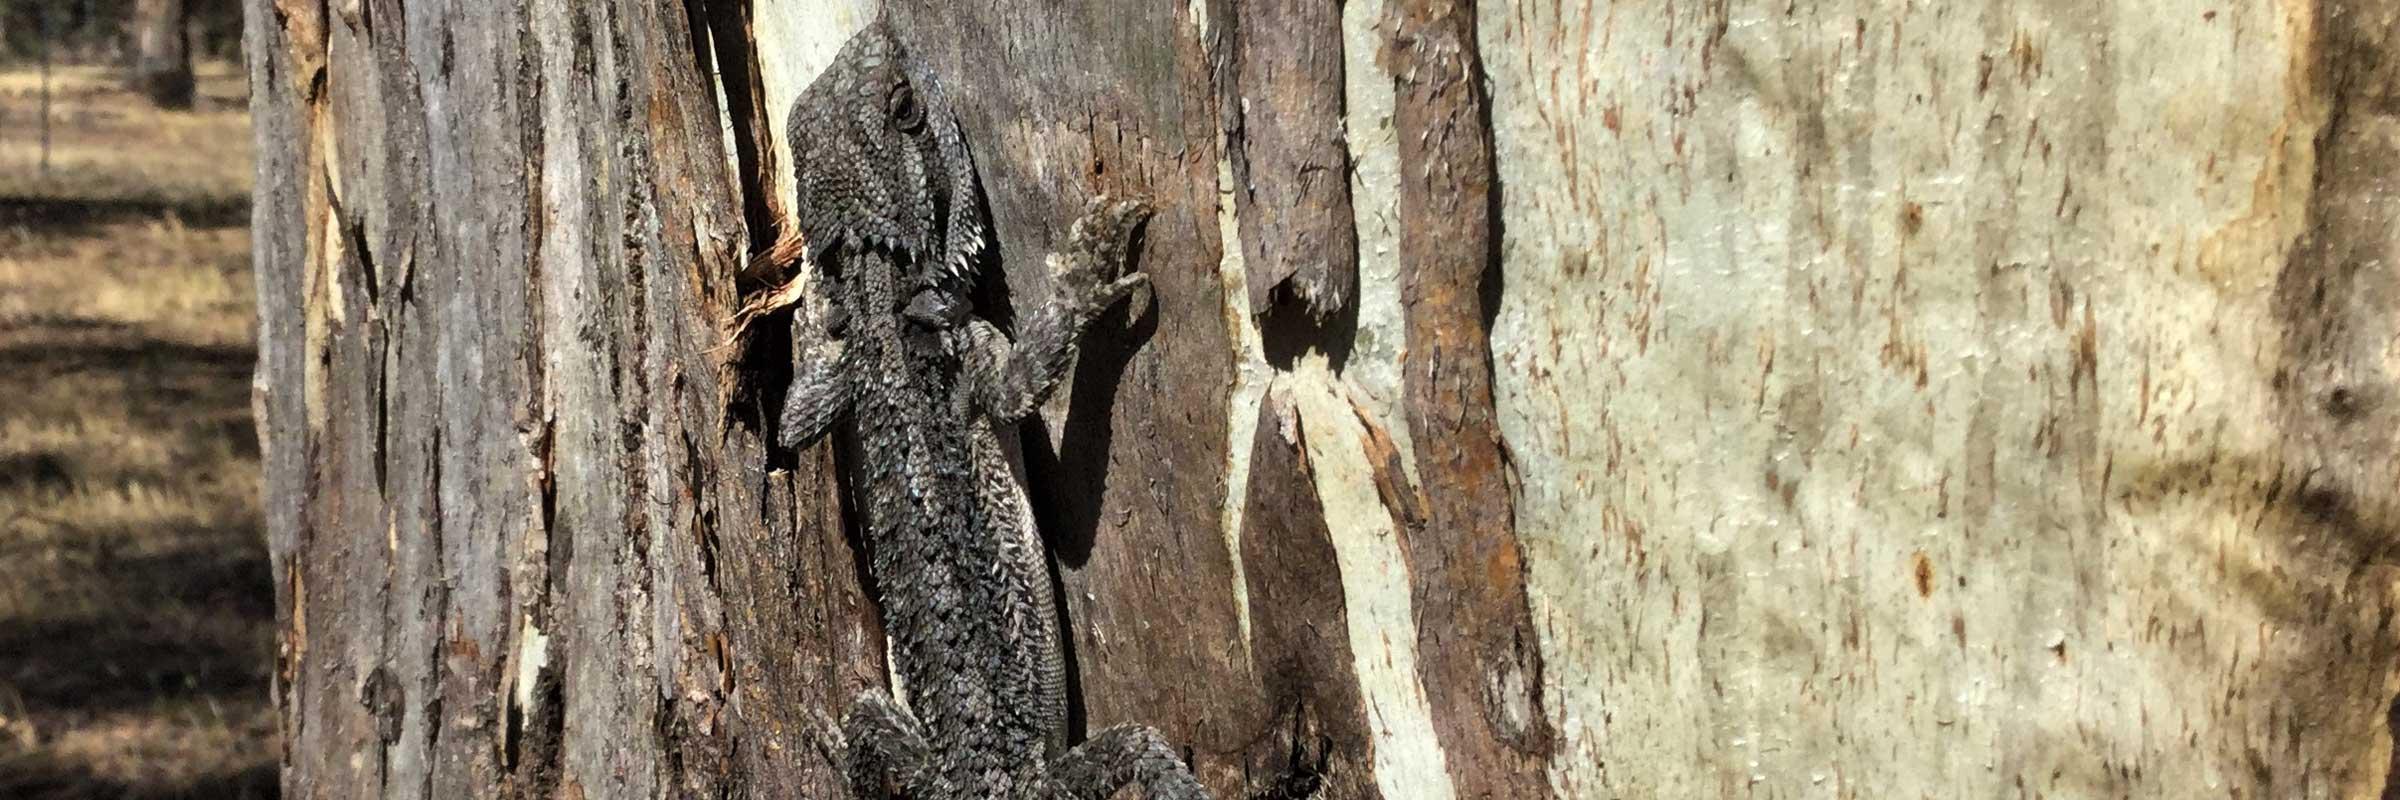 lizard-photo-slider-op